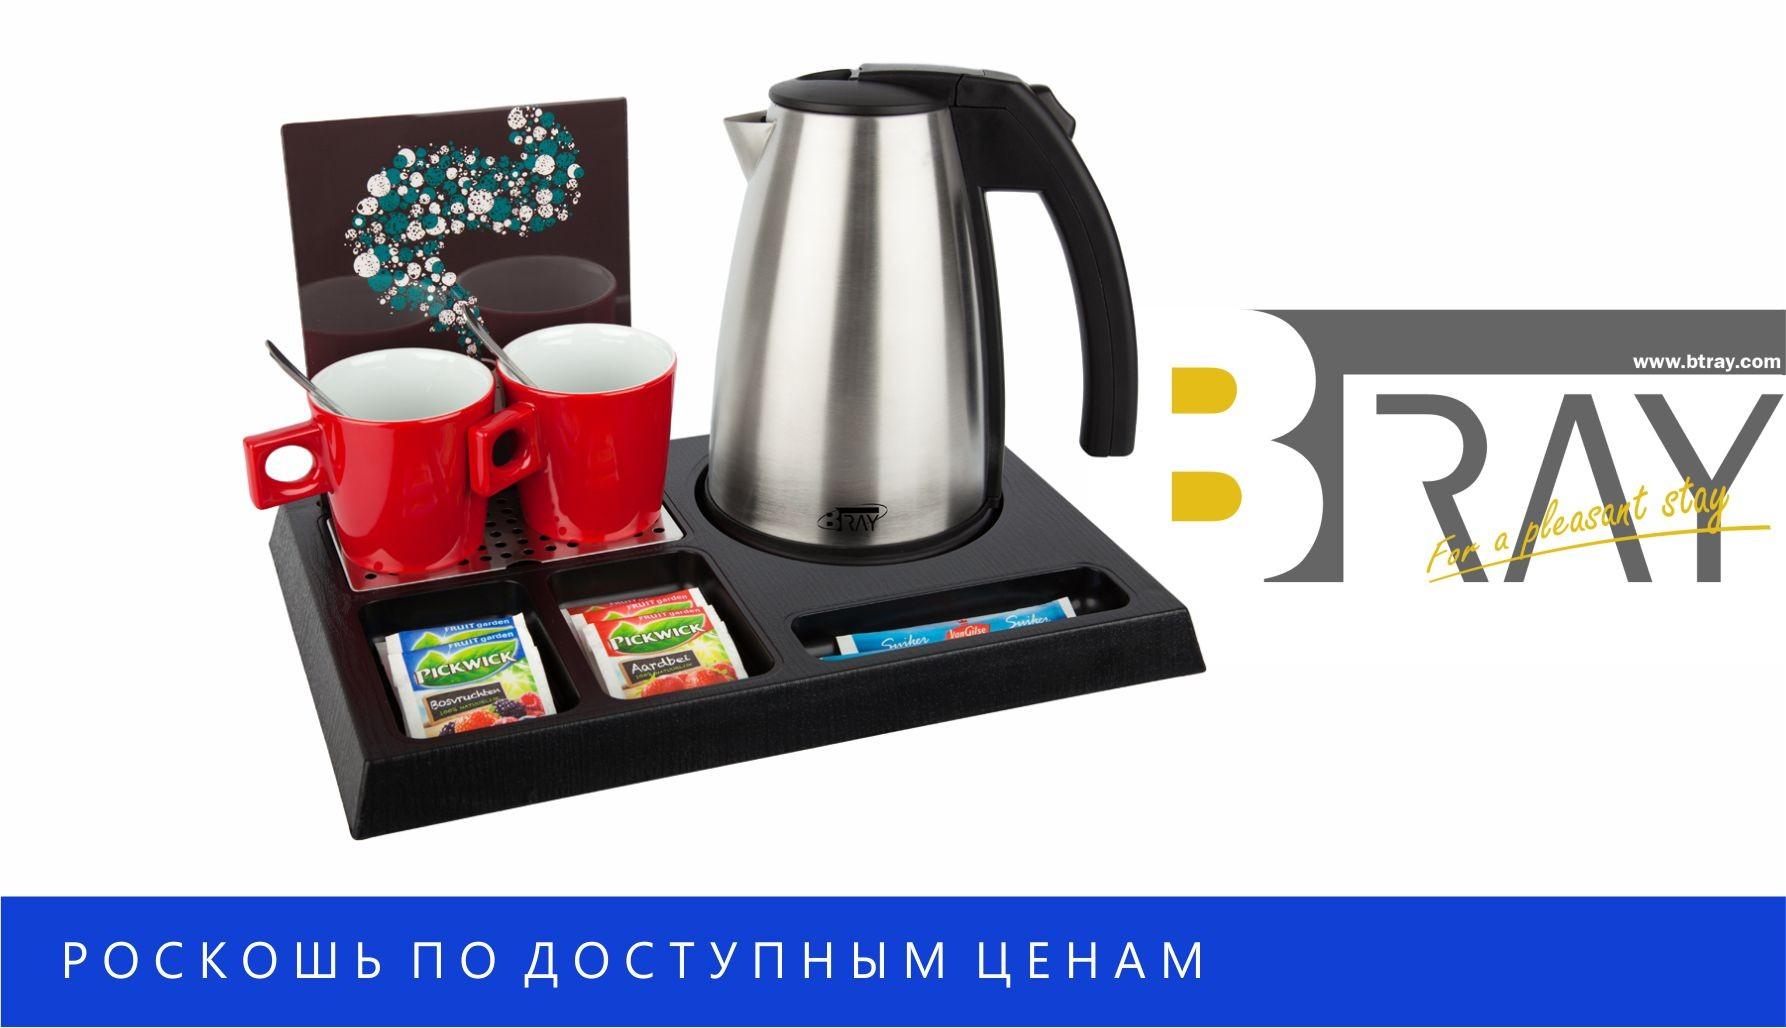 Гостевые (чайные) наборы B-TRAY